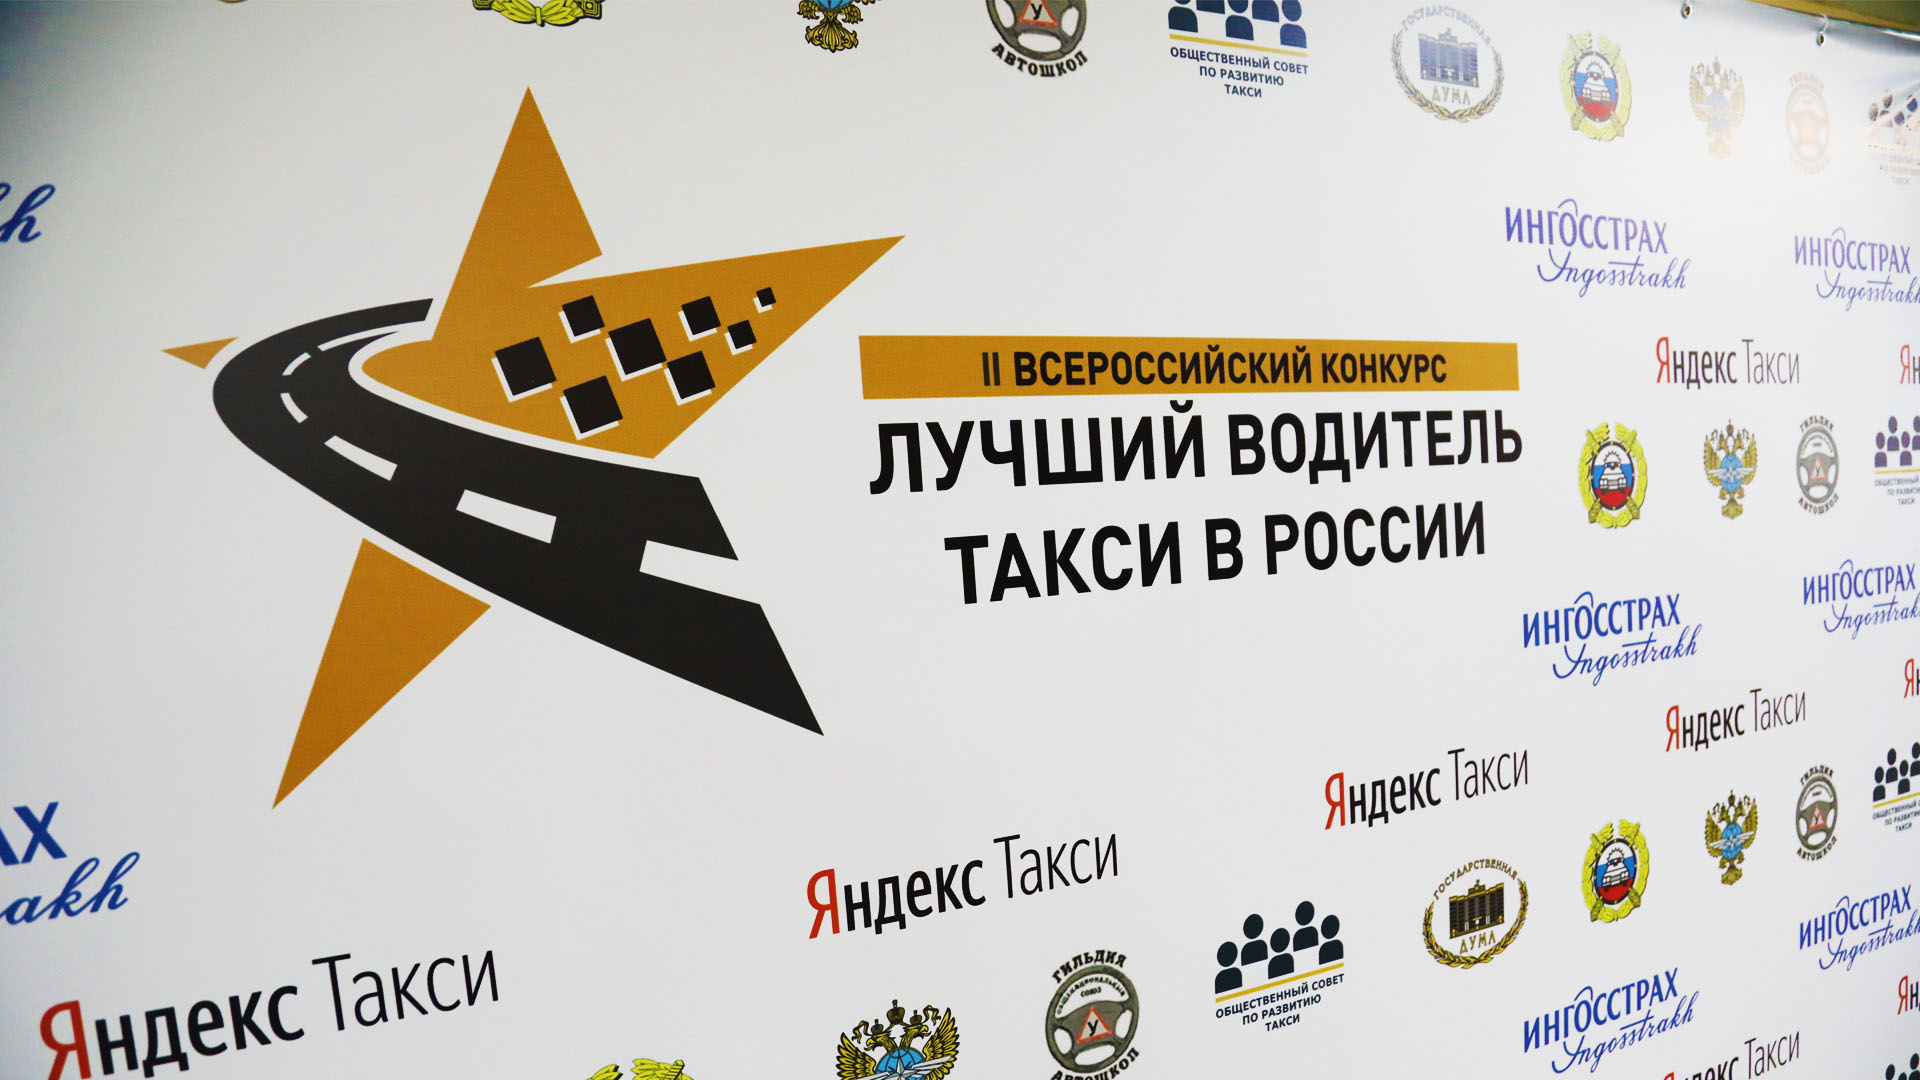 В Новосибирске выбрали лучшего водителя такси. Репортаж телеканала ОТС